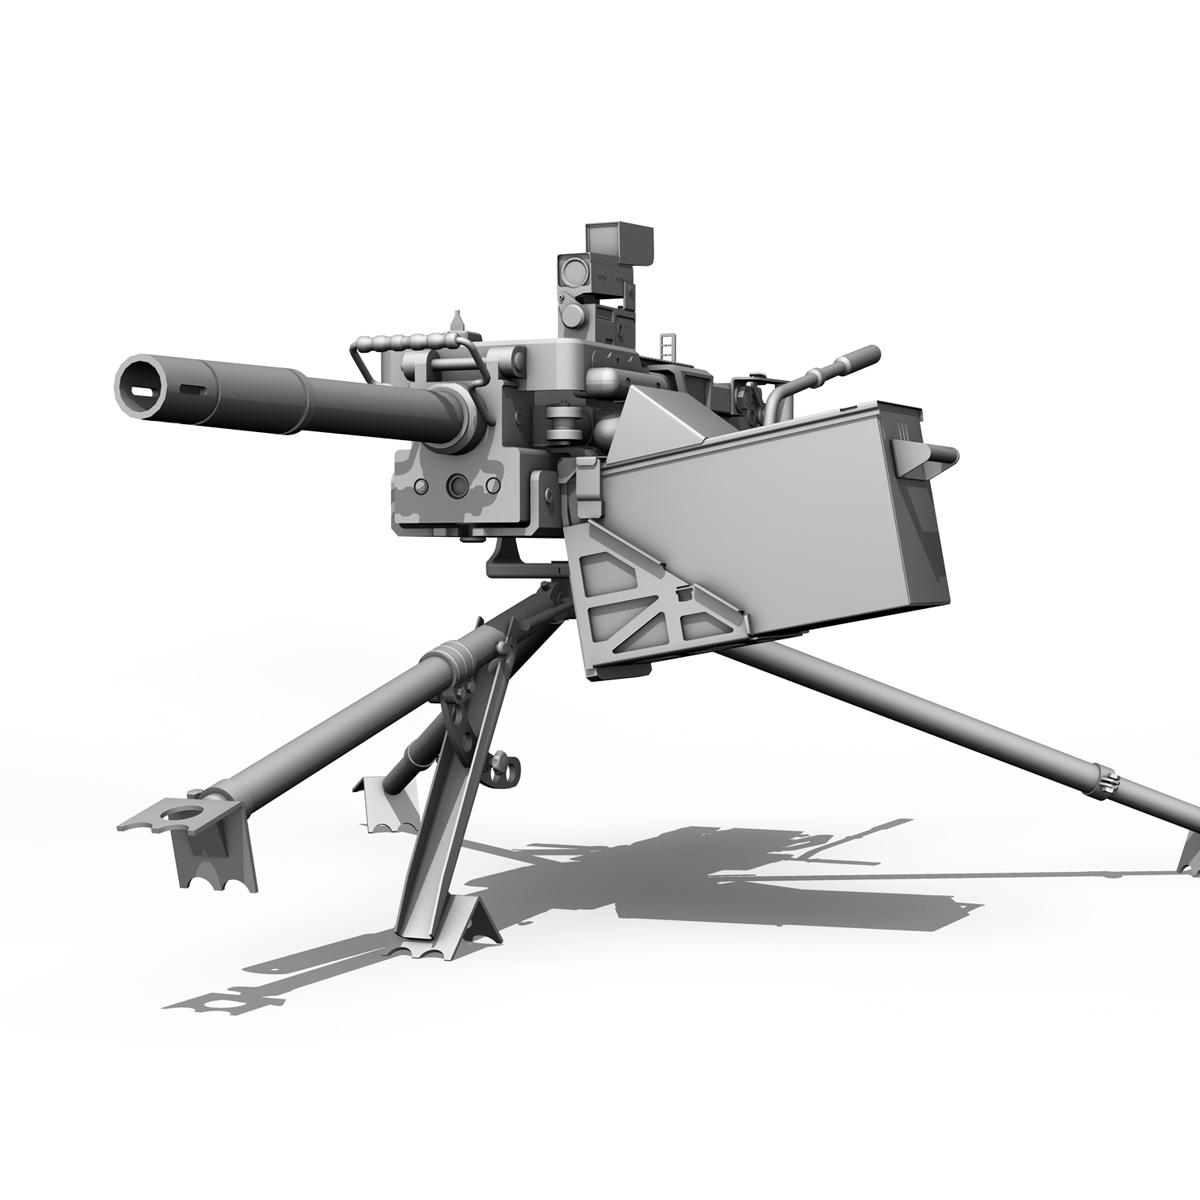 40mm Гранат машин буу gmg 3d загвар c4d lwo 3dm obj 264296